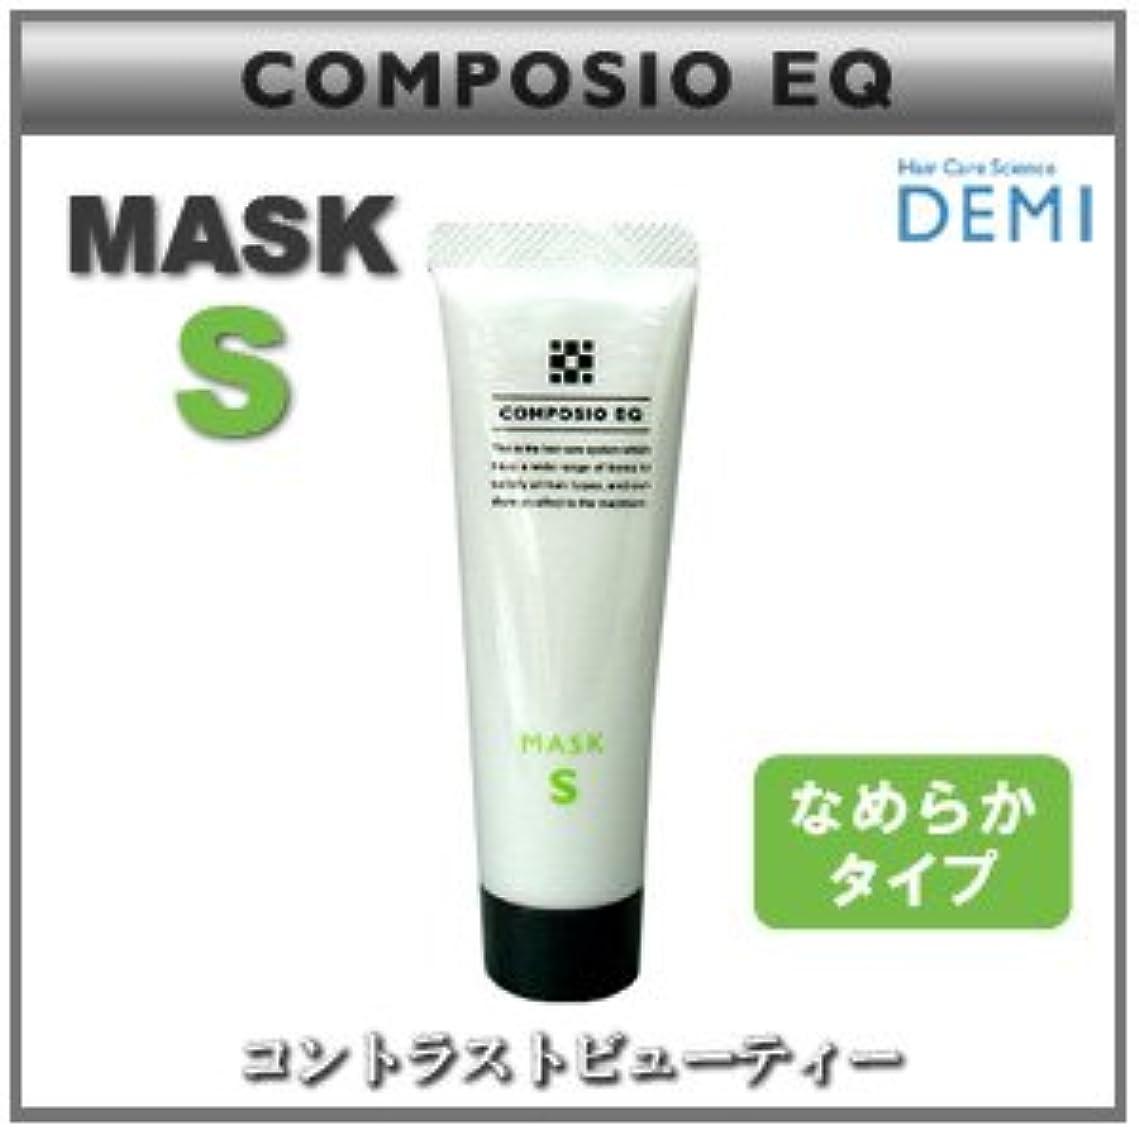 ライターみすぼらしい層【X2個セット】 デミ コンポジオ EQ マスク S 50g